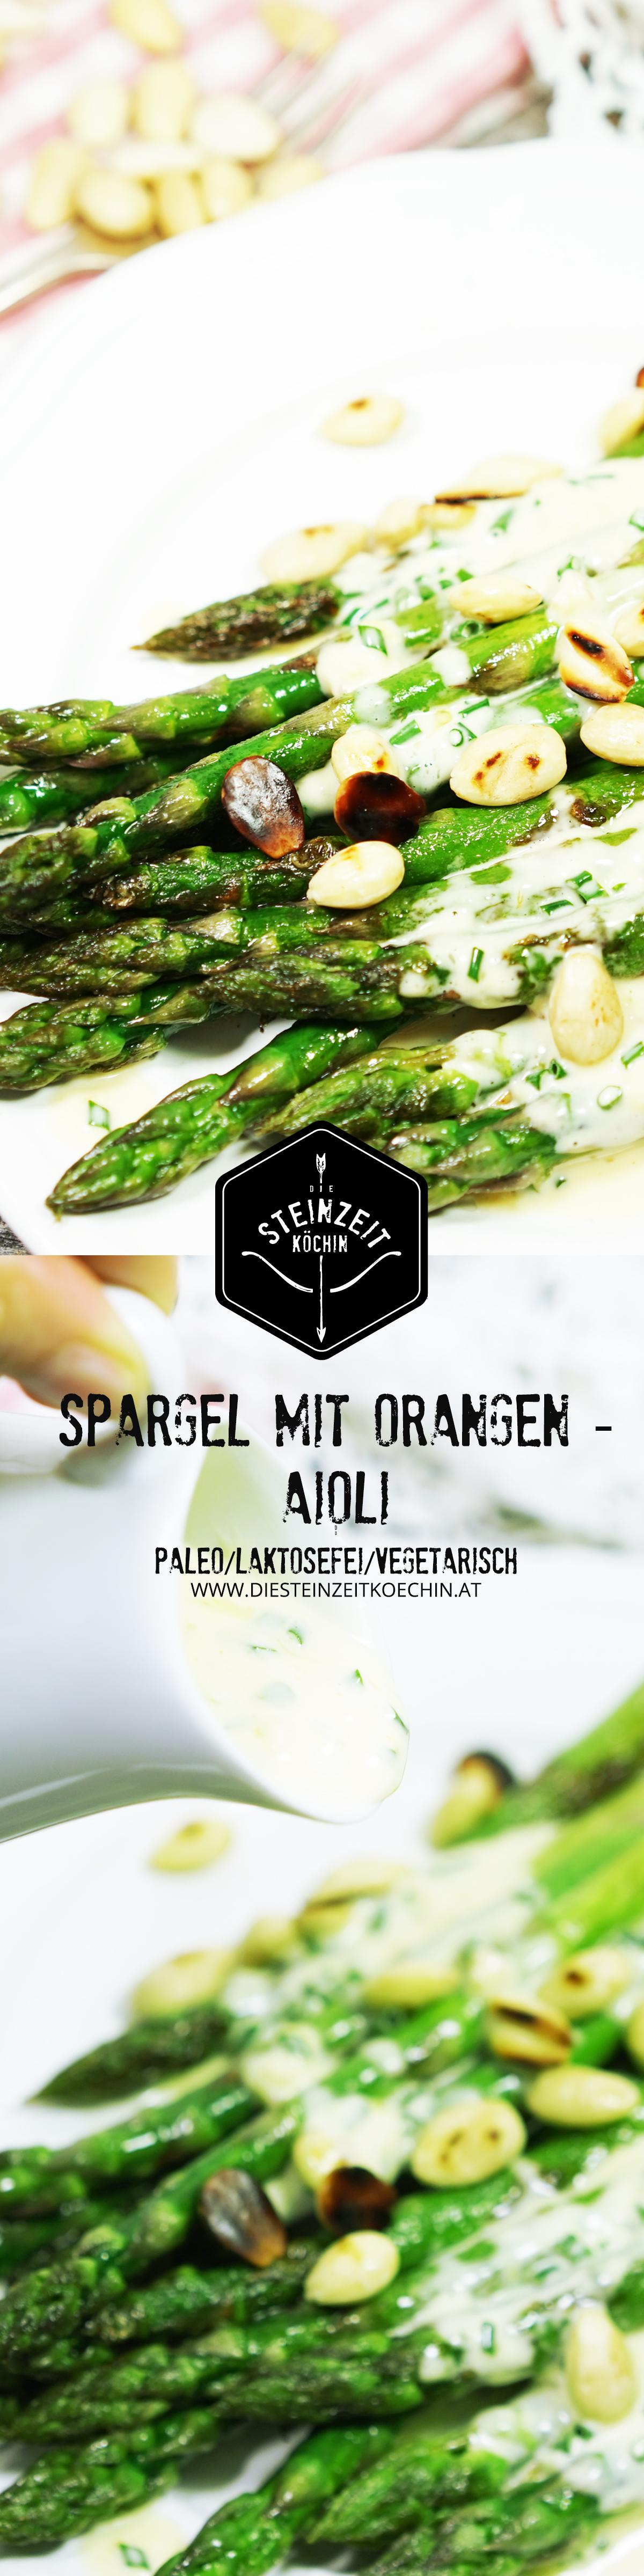 Spargel-mit-Orangen-Aioli- grüner Spargel, one Milchprodukte, ohne Getreide, laktosefrei, paleo, frisch zubereitet, ohne konservierungsmittel, gesunde Beilage, passt hervorragend zu Gegrilltem nur wenige Zutaten, schnell zubereitet, einfaches Rezept, gesunde Ernährung